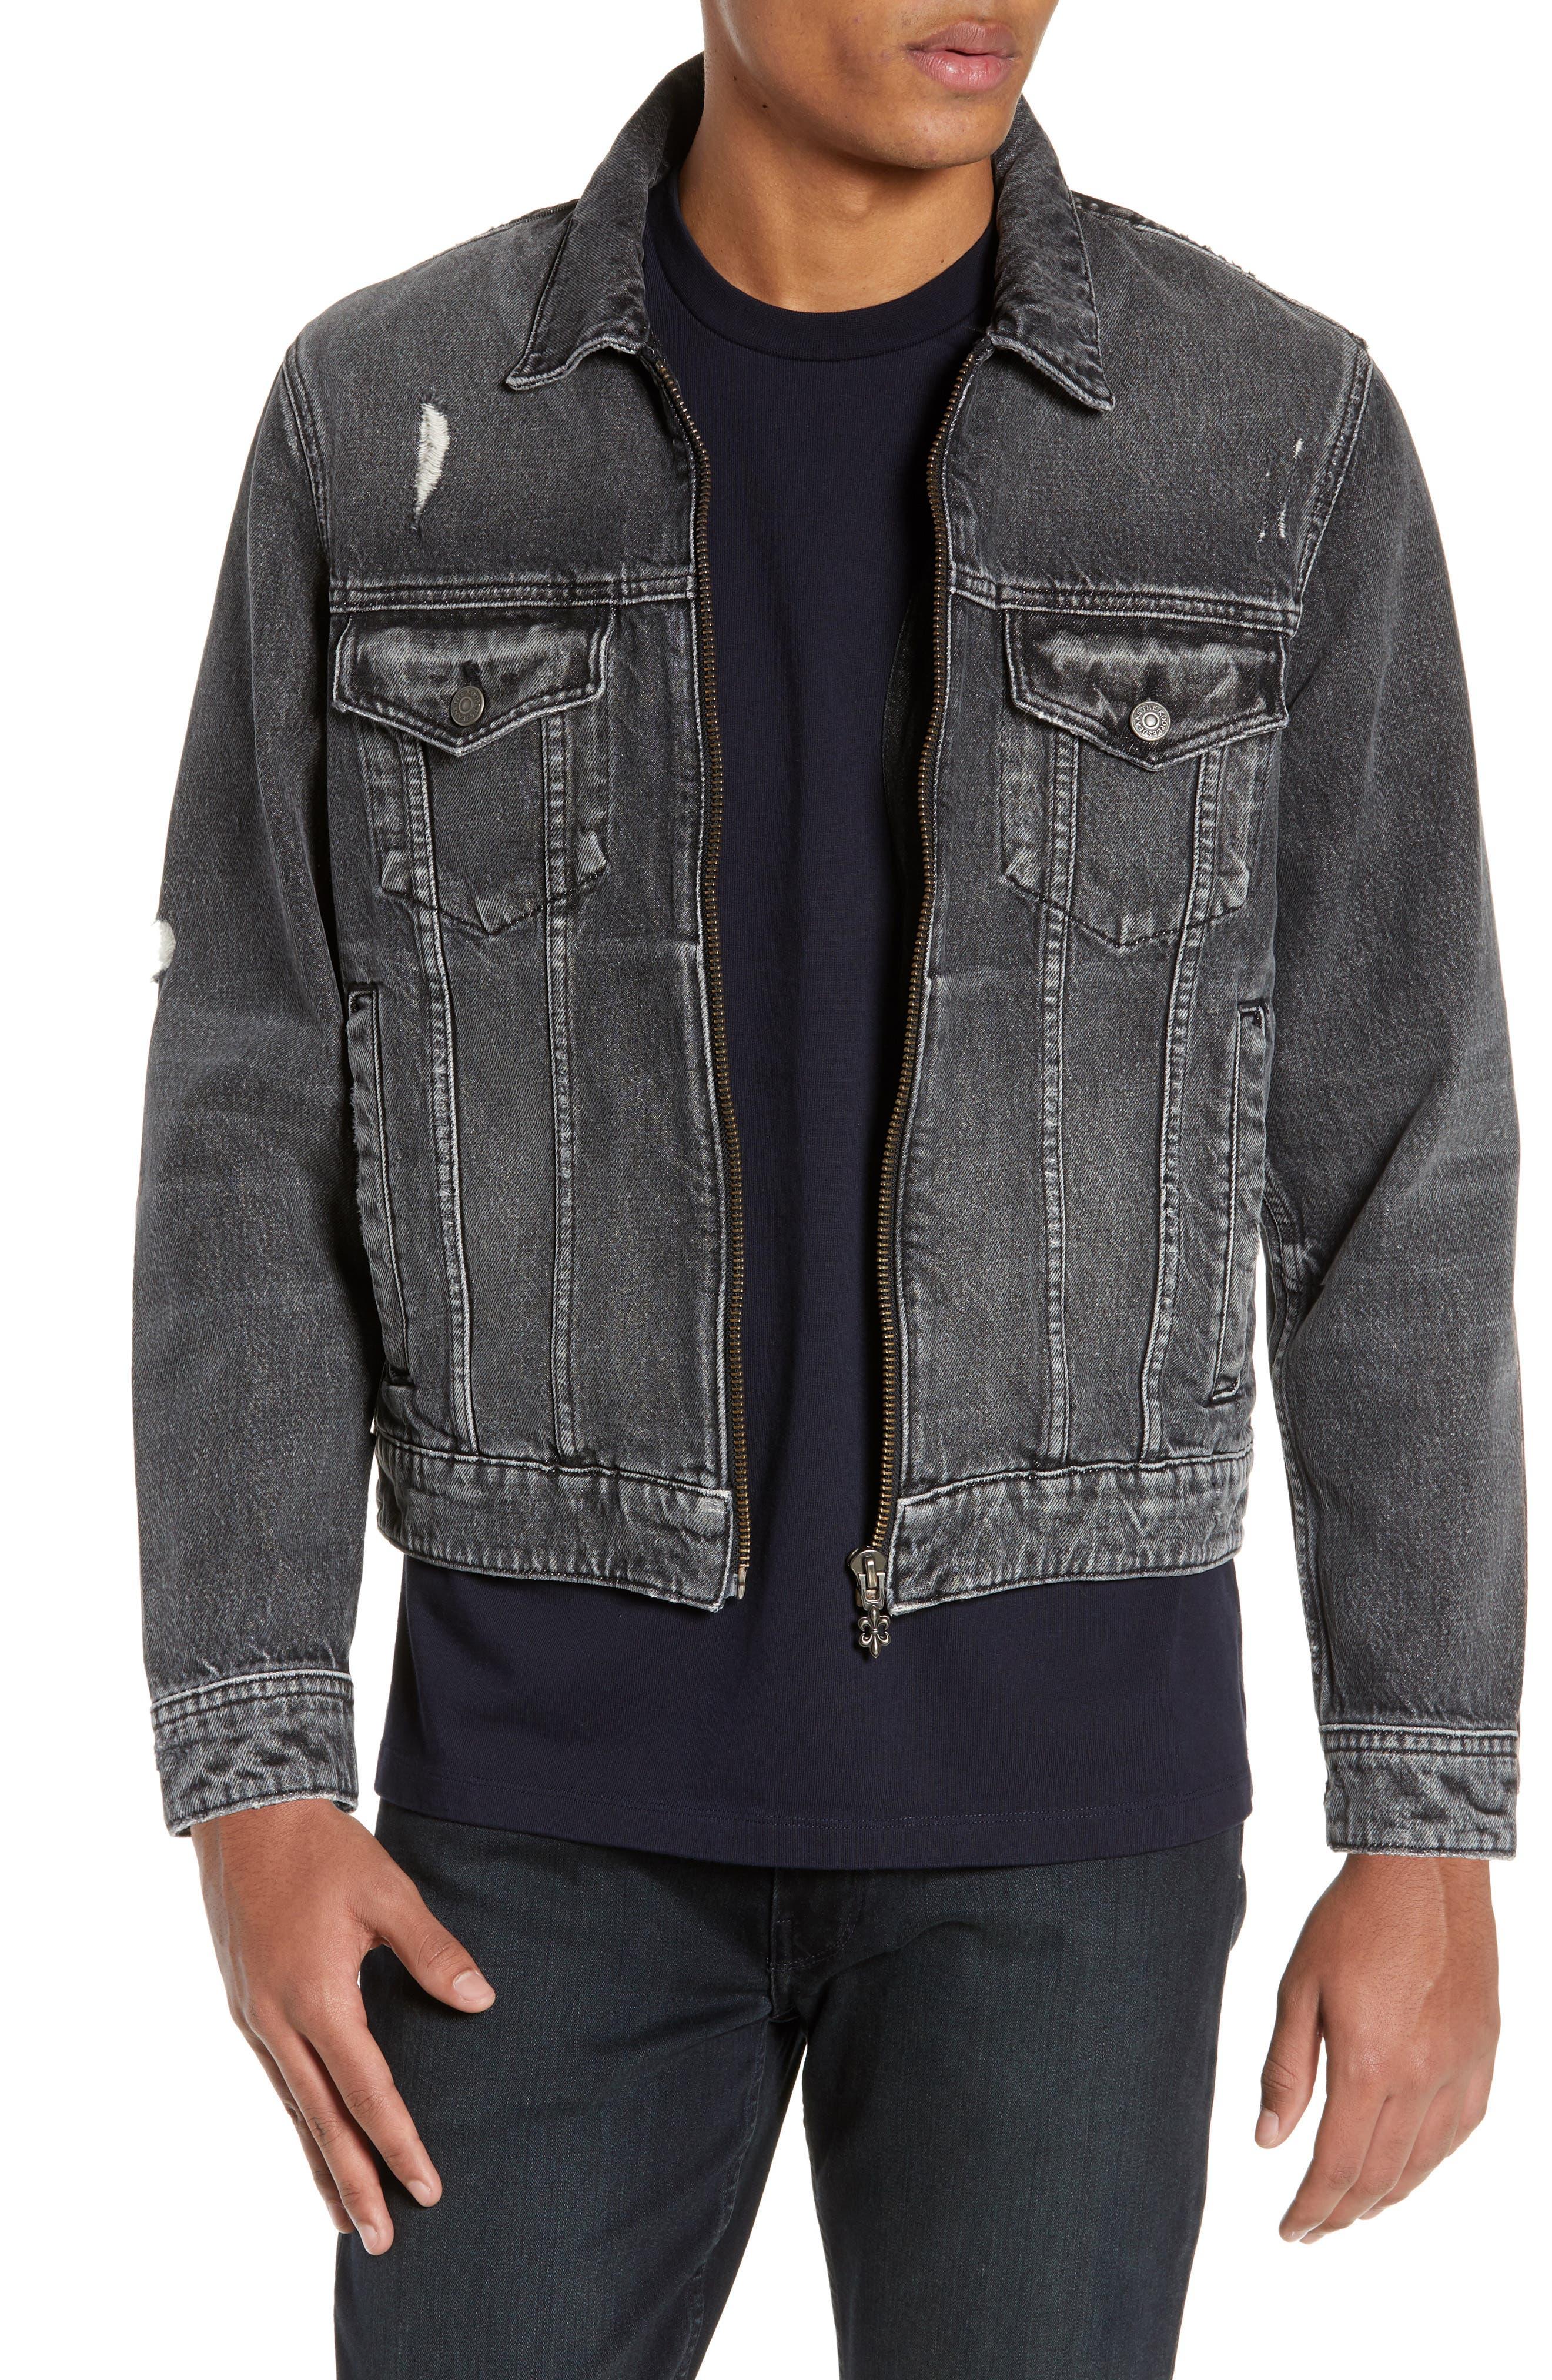 THE KOOPLES Slim Fit Denim Jacket, Main, color, BLACK DENIM EFFECT